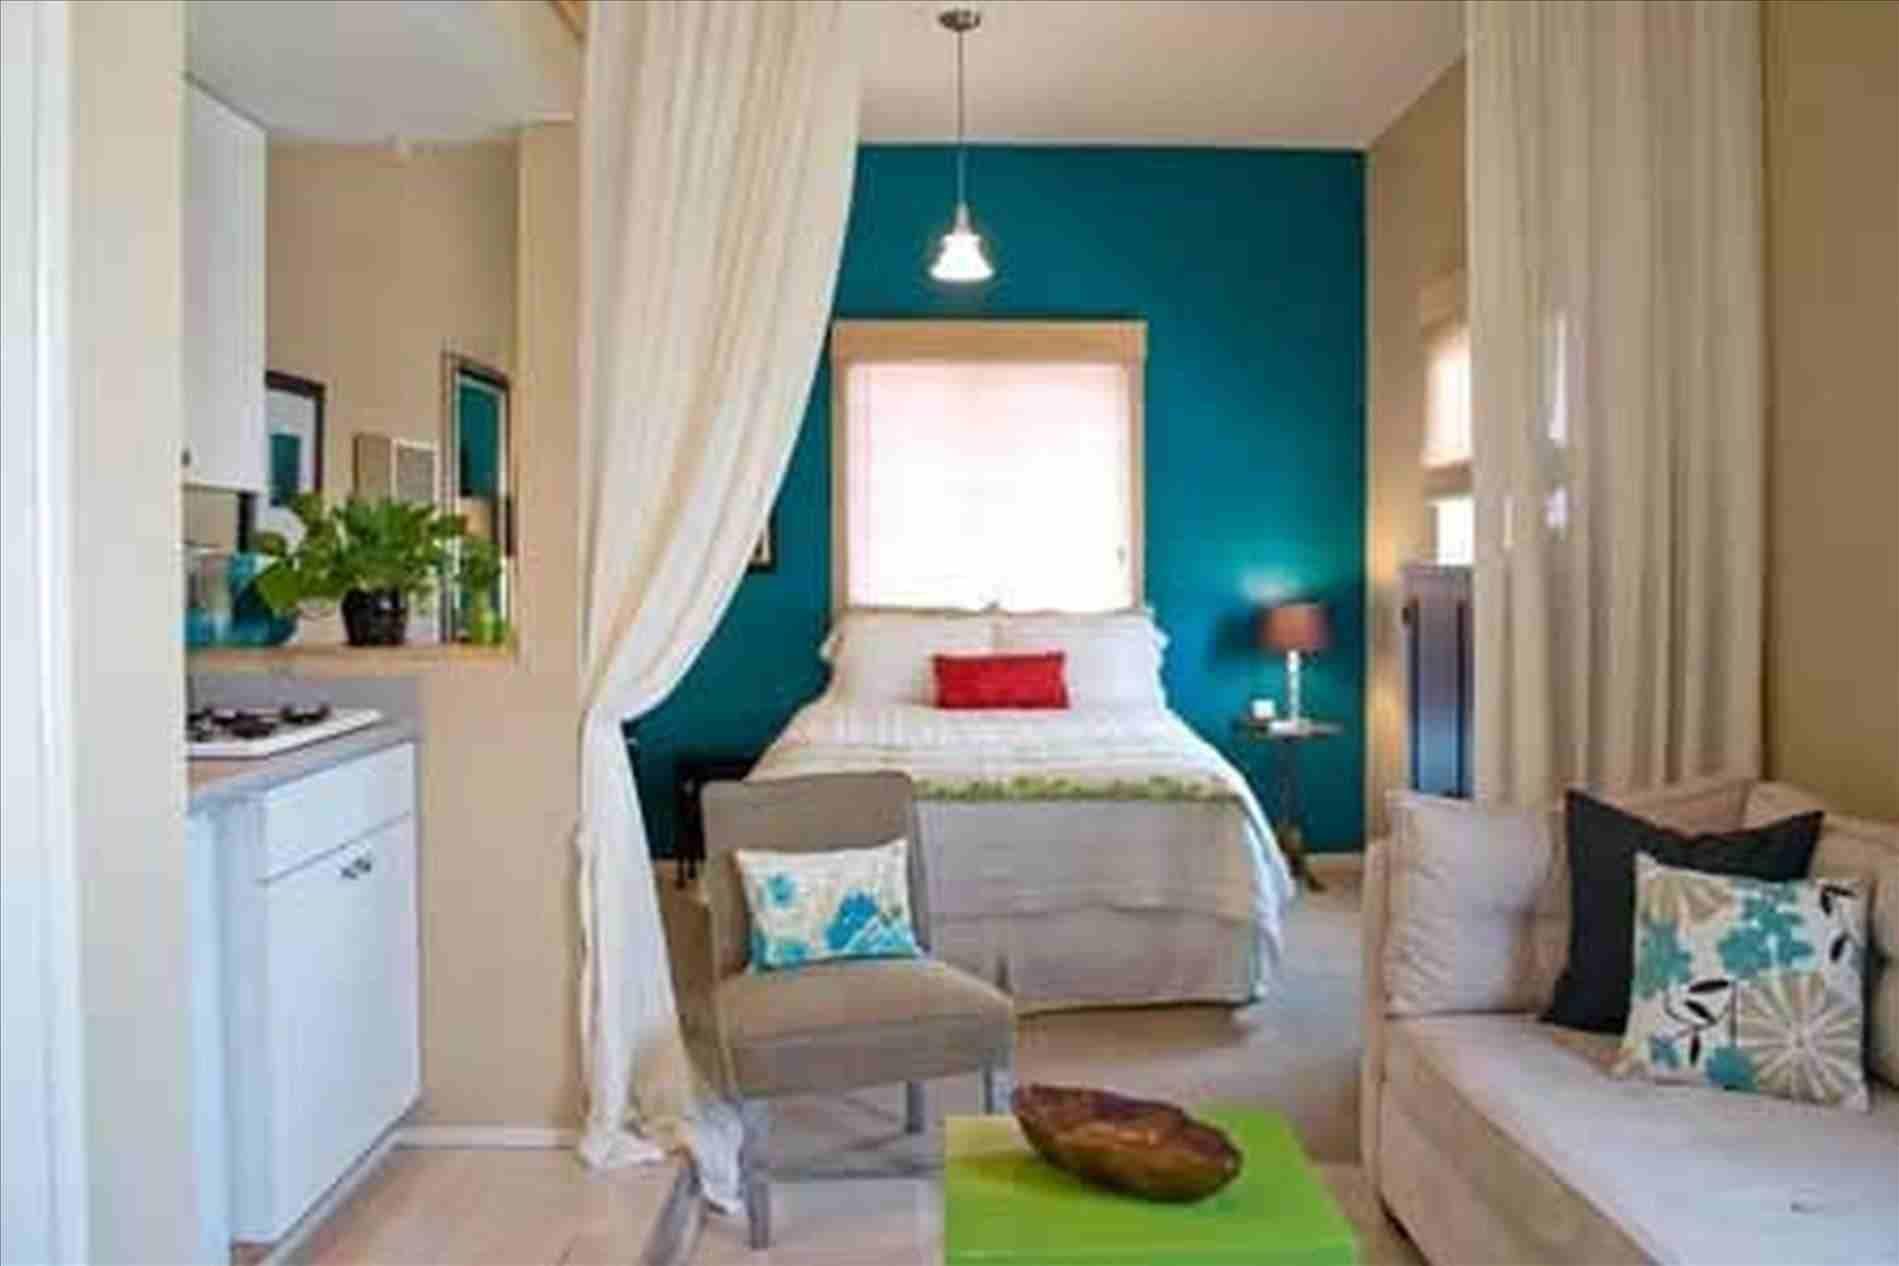 One Bedroom Apartment Interior Design Ideas - efficacy